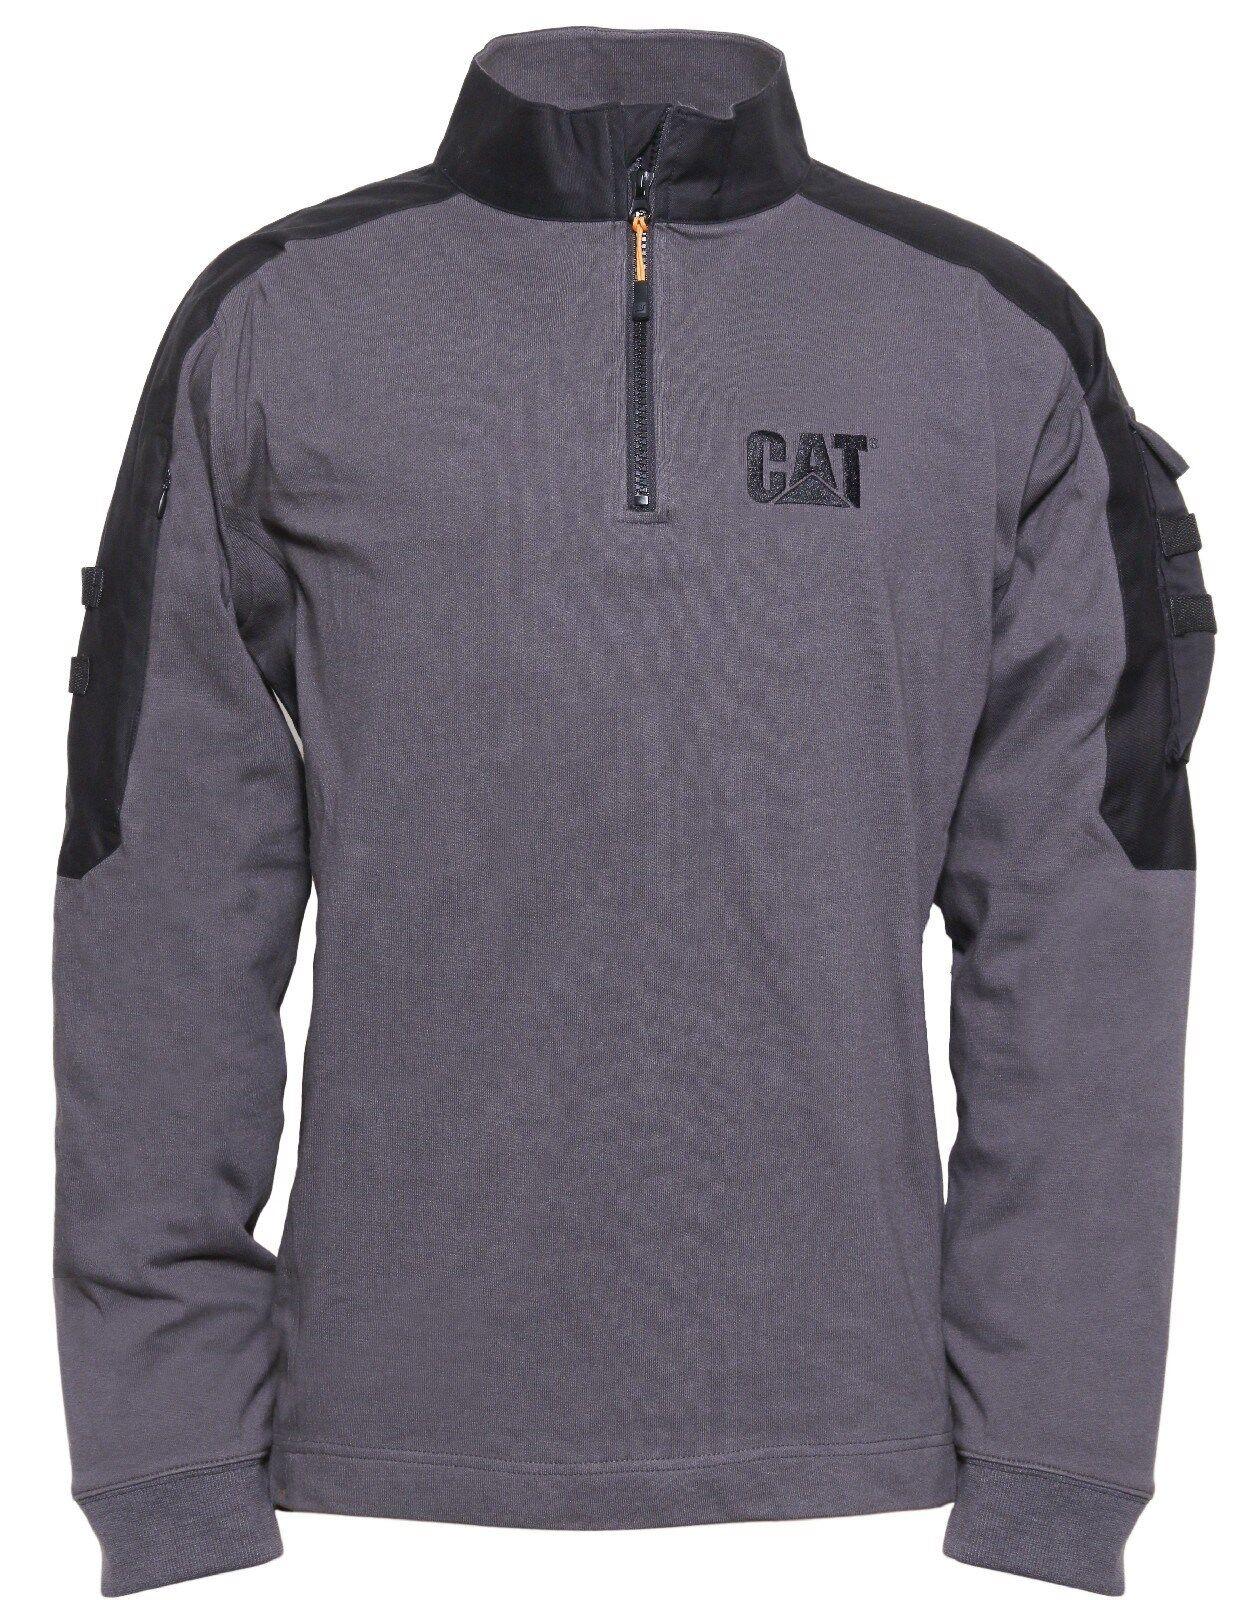 Cat Caterpillar Taktisch Works Herren Grau 1/4 Reißverschluss Arbeitskleidung